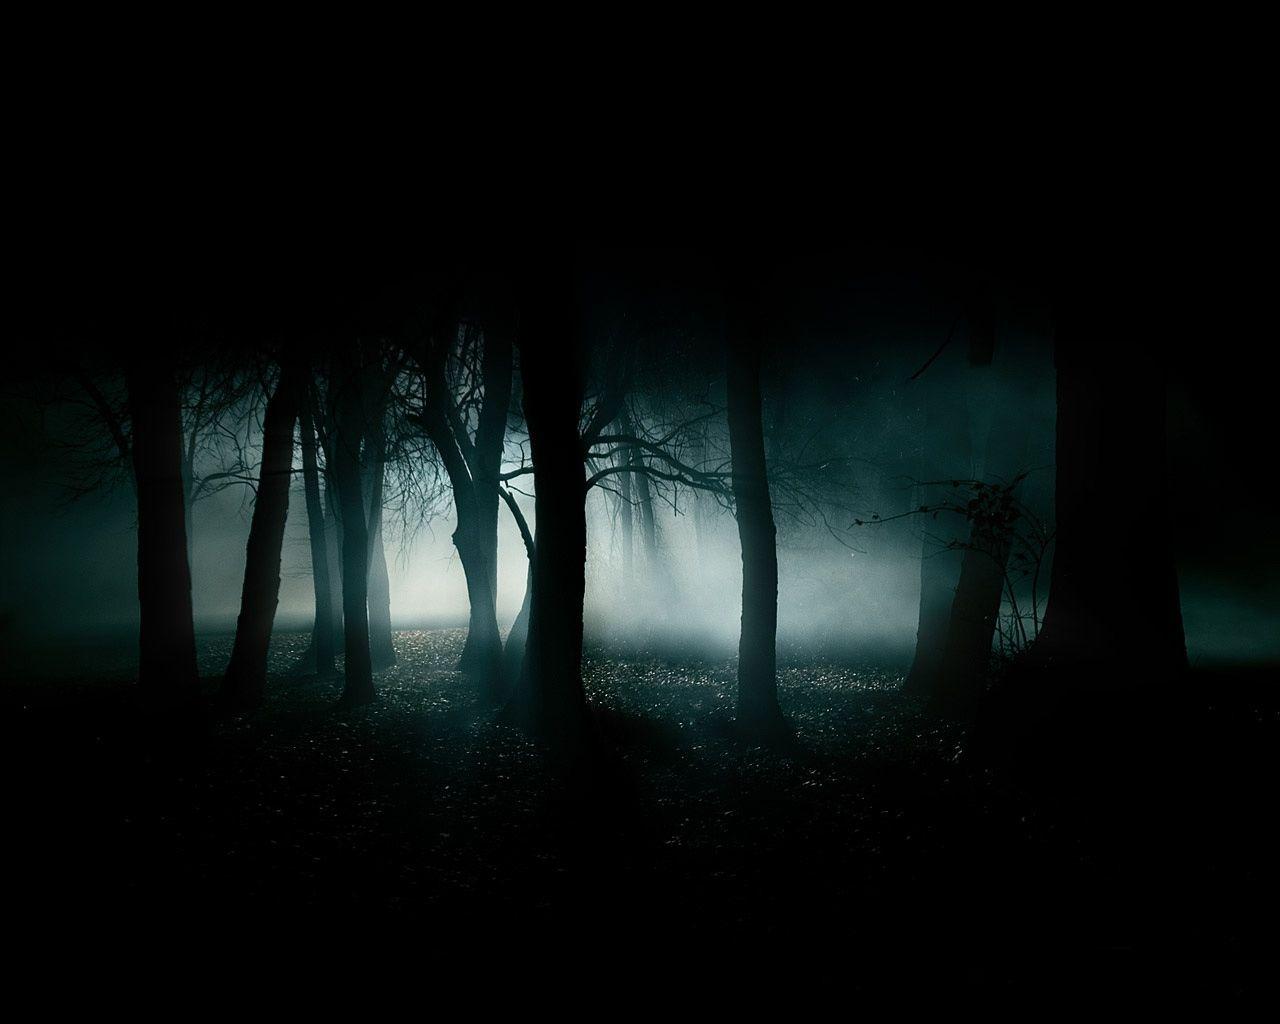 Gothic Dark Art Dark Art 54255 picture nr 54255 1280x1024